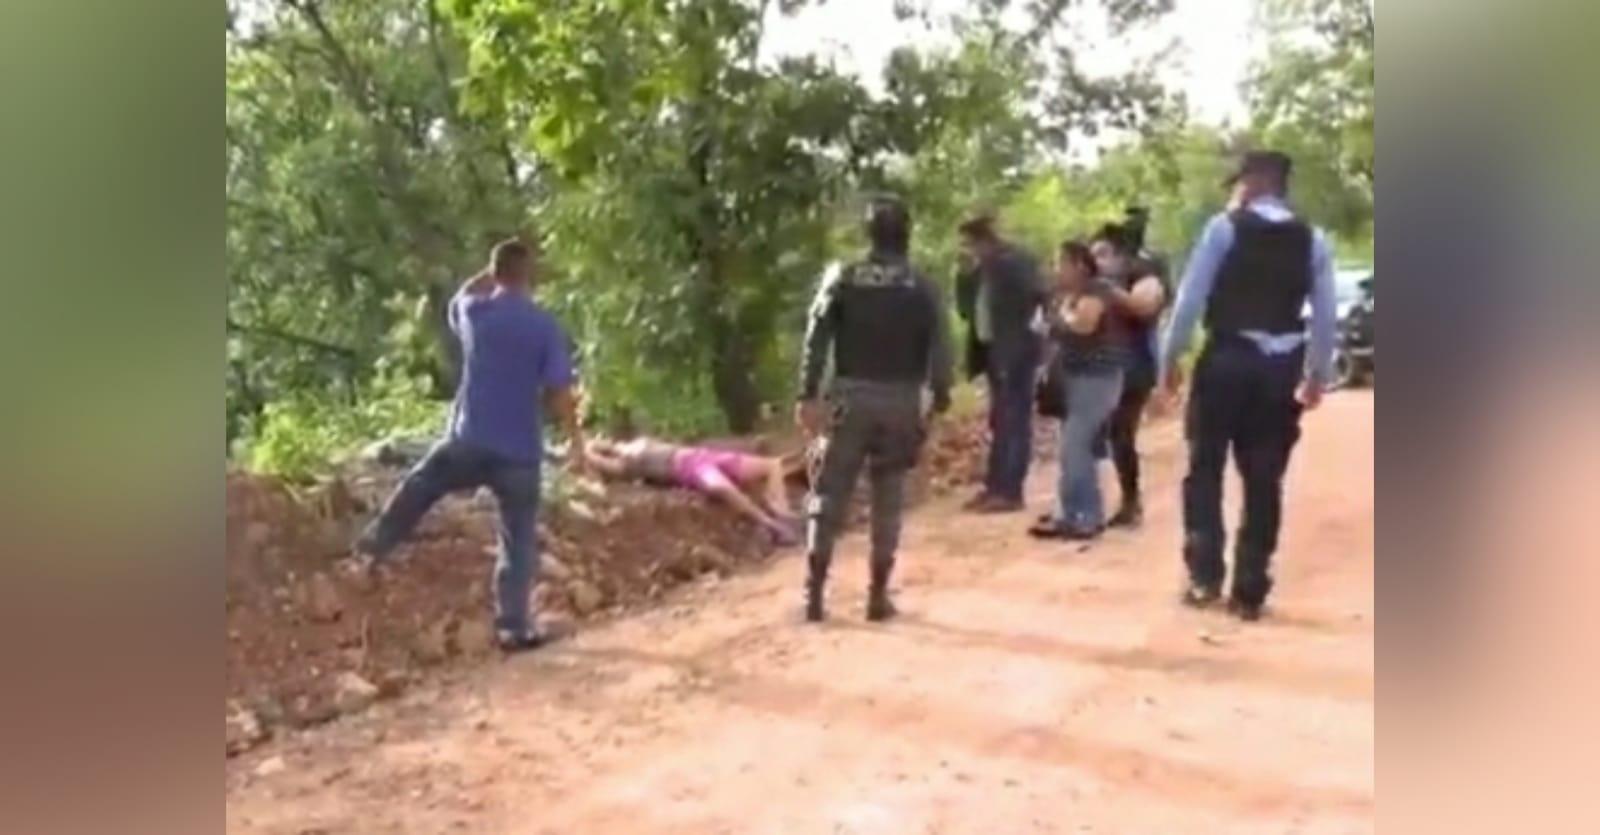 Al lugar donde encontraron el cuerpo llegaron sus familiares.